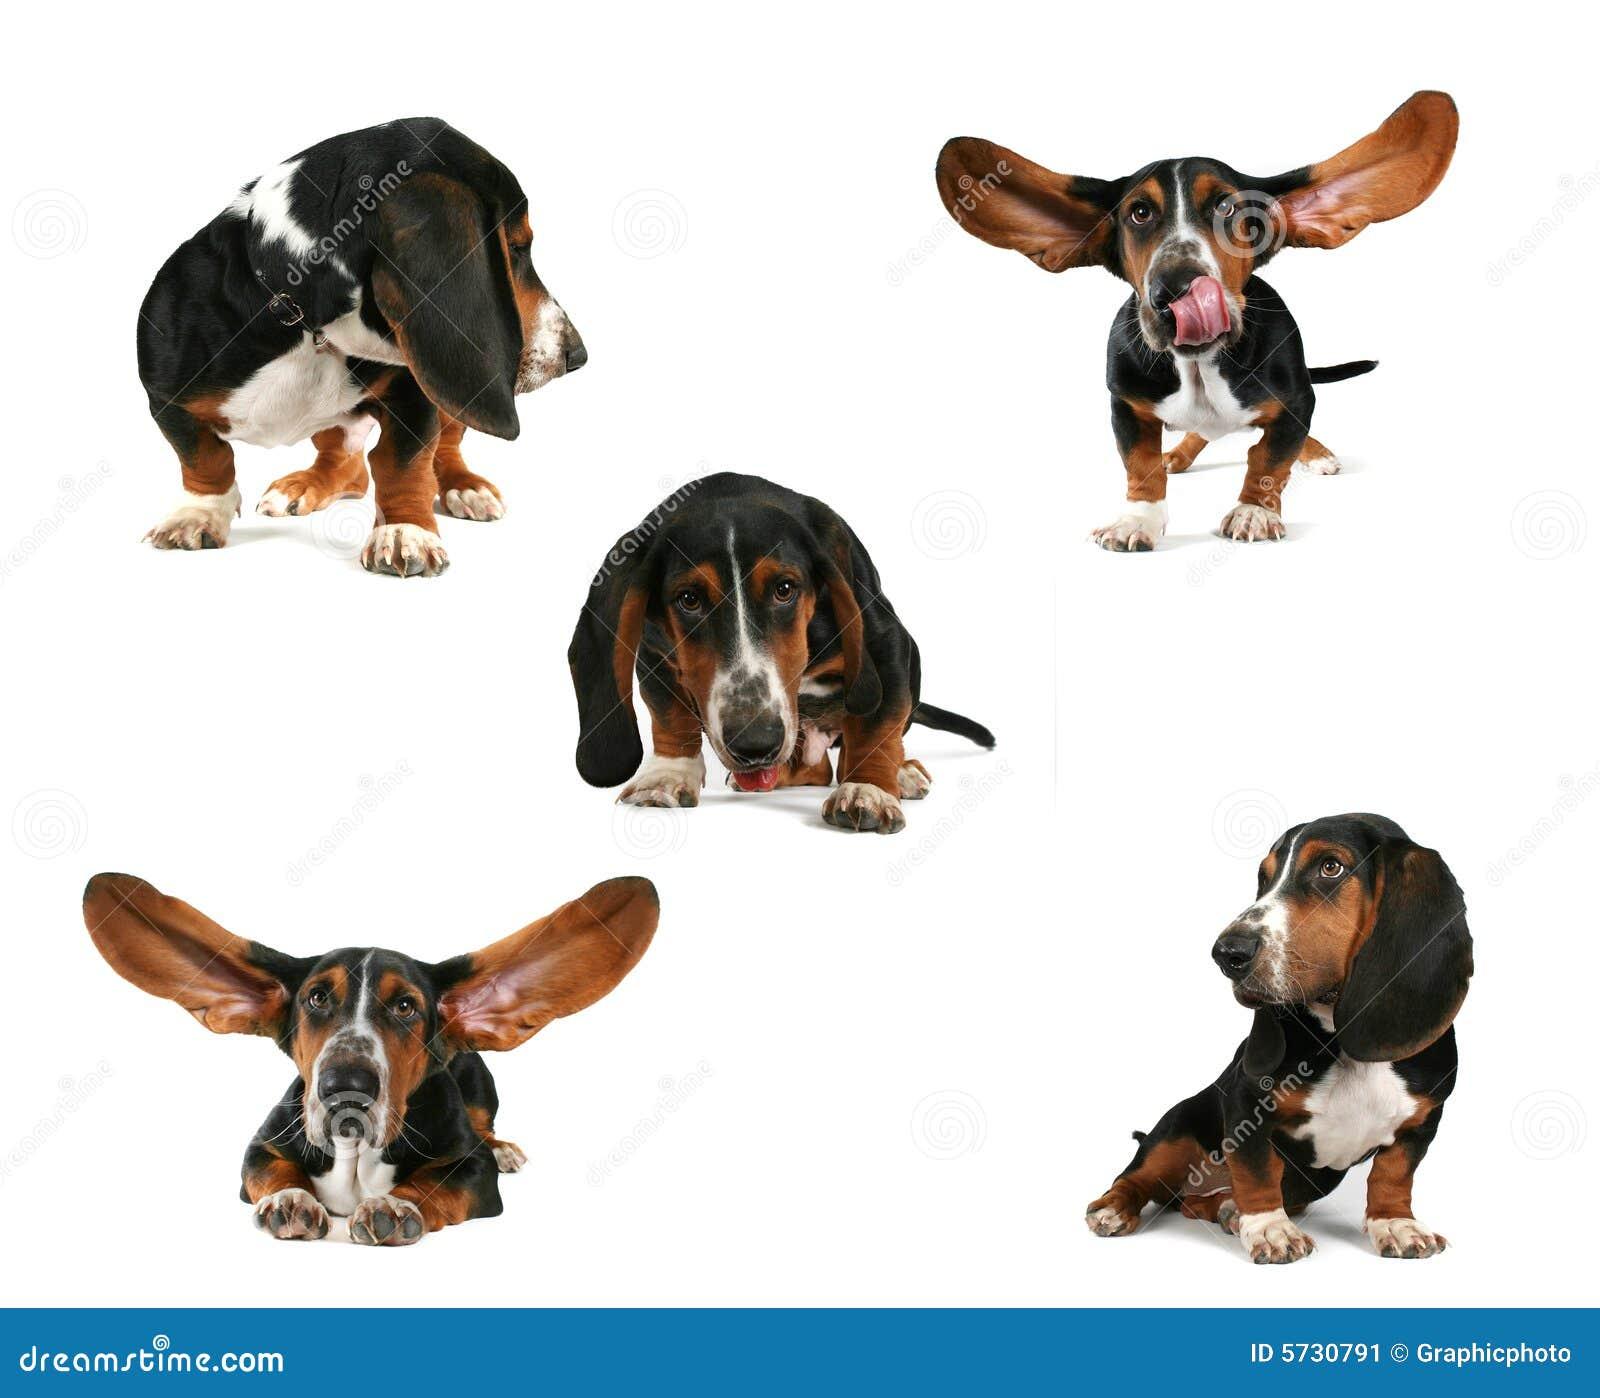 Basset hound group